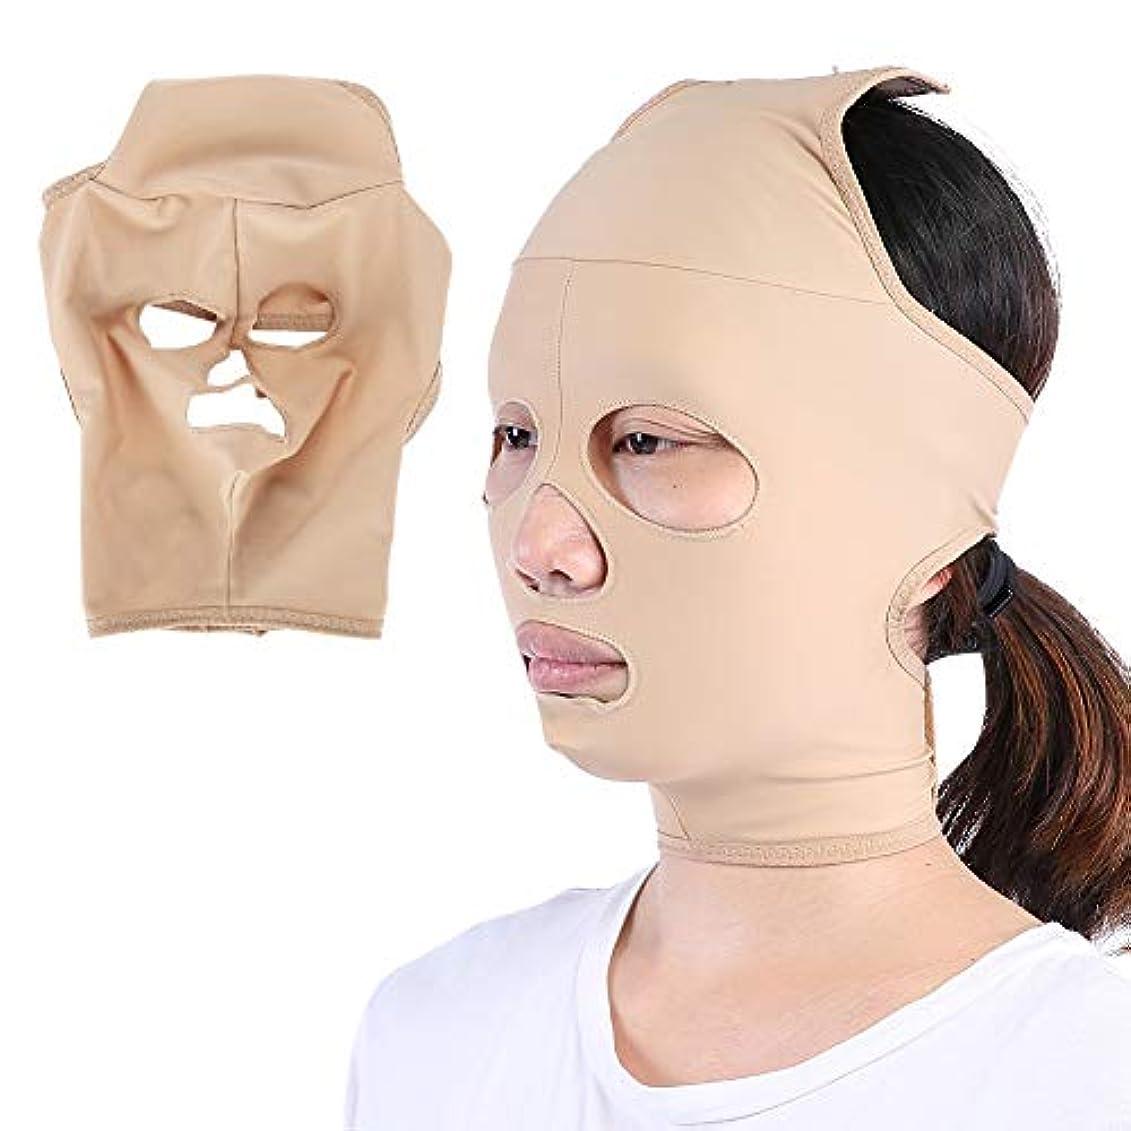 王女つぶやき煙顔の减量のベルト、完全なカバレッジ 顔のVラインを向上させる 二重顎を減らす二重顎、スキンケア包帯(S)